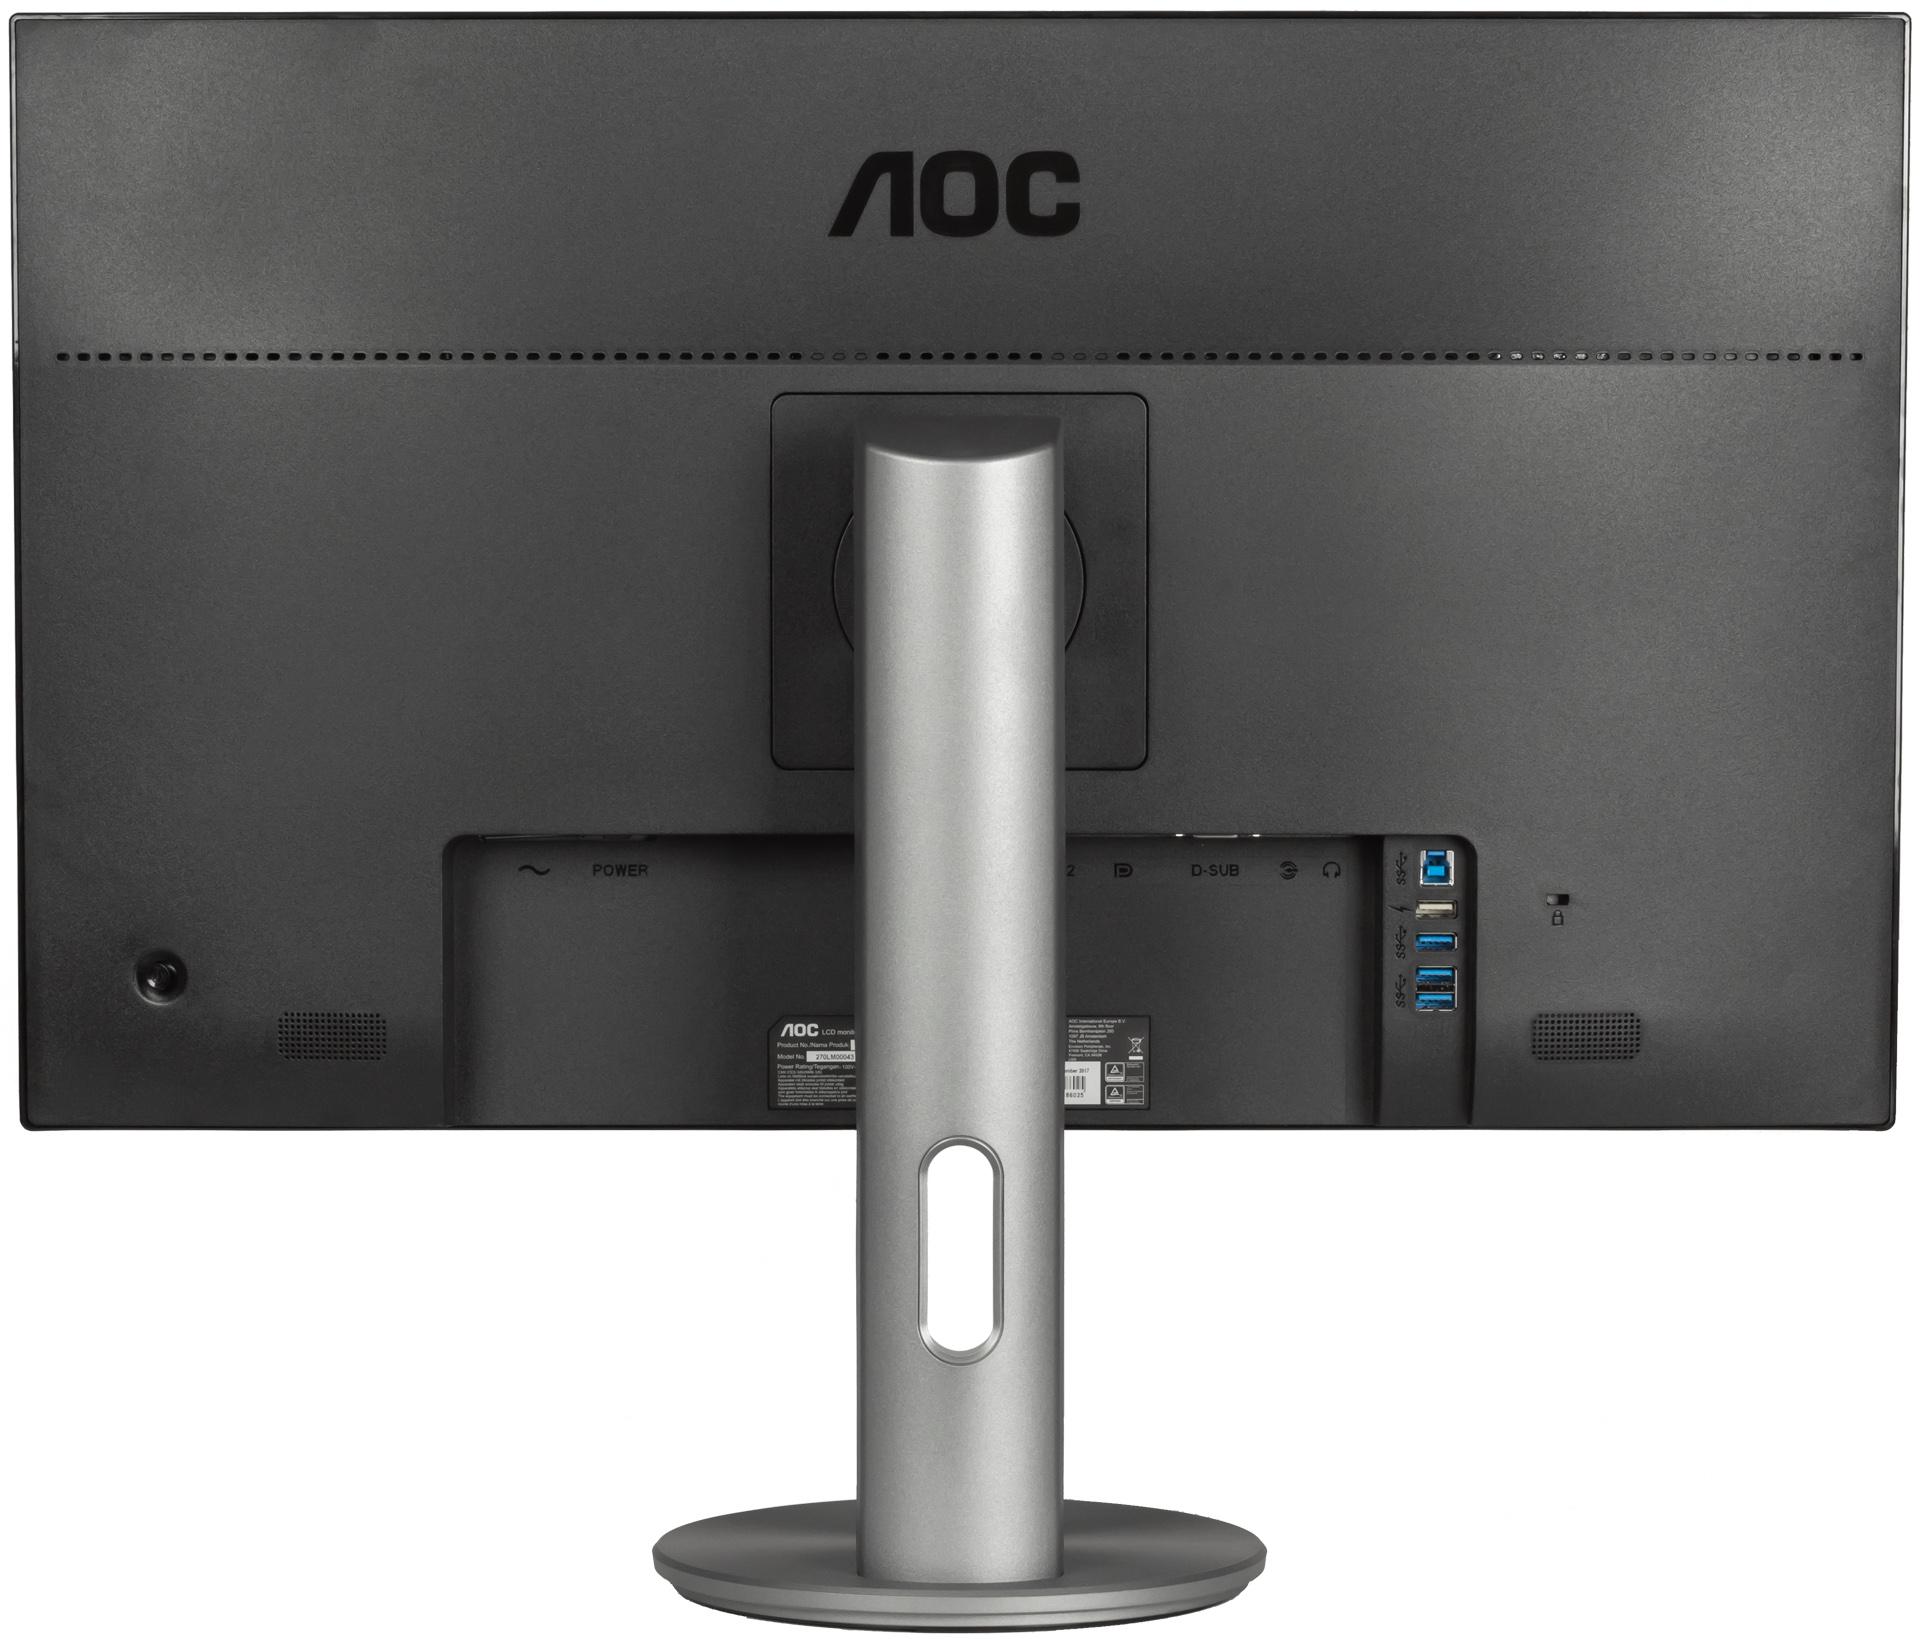 Рабочая лошадка: тестируем 27-дюймовый монитор AOC Q2790PQU сразрешением WQHD